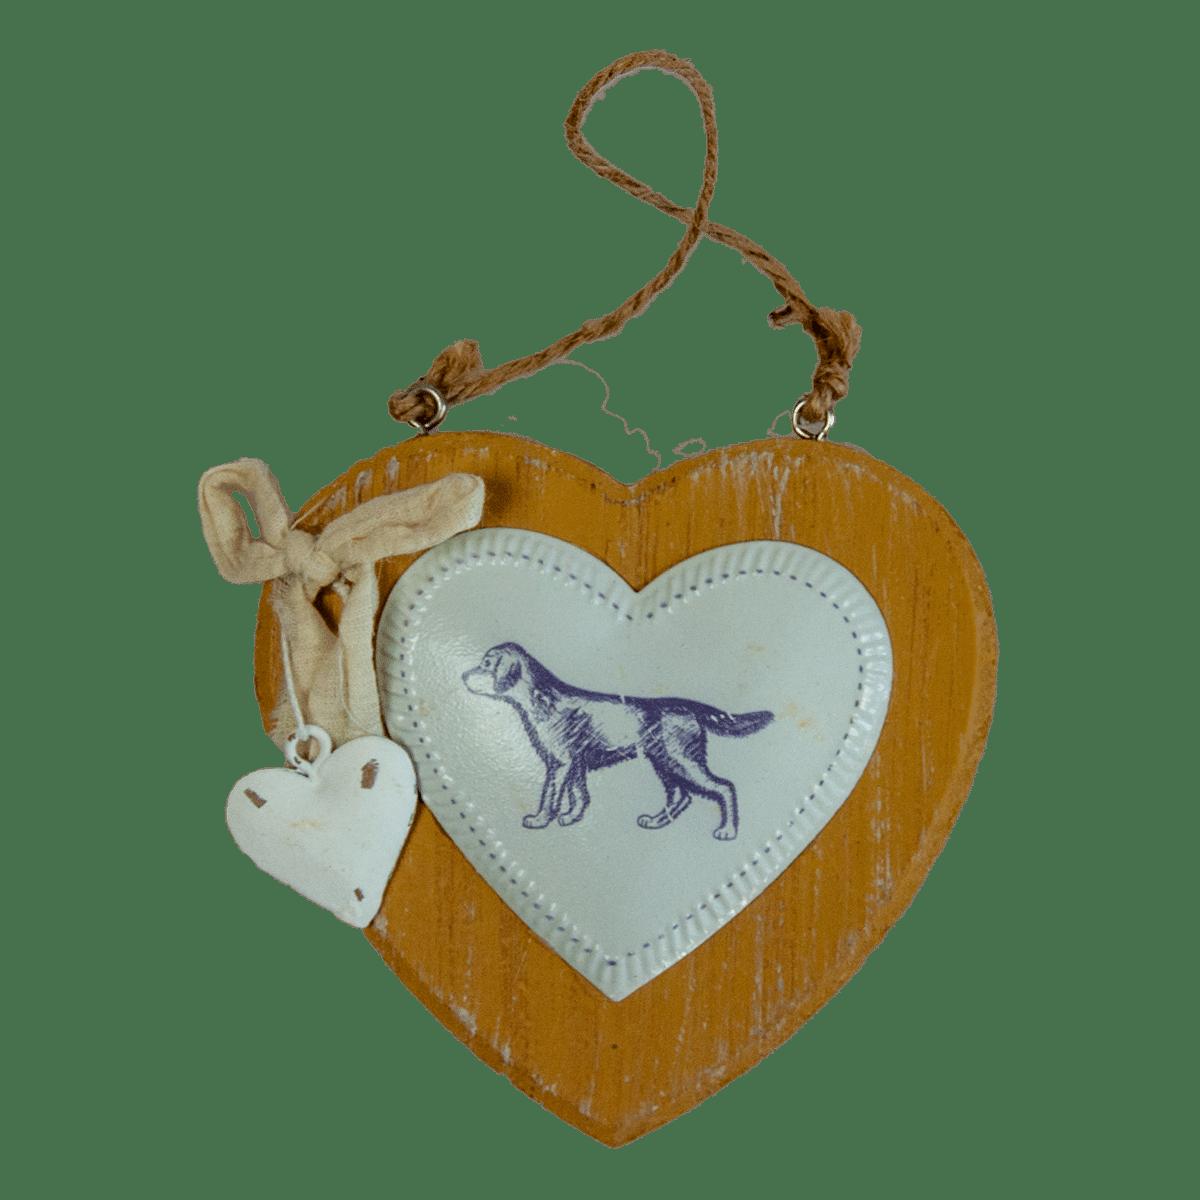 Dekorationshjärta i trä med motiv av en hund